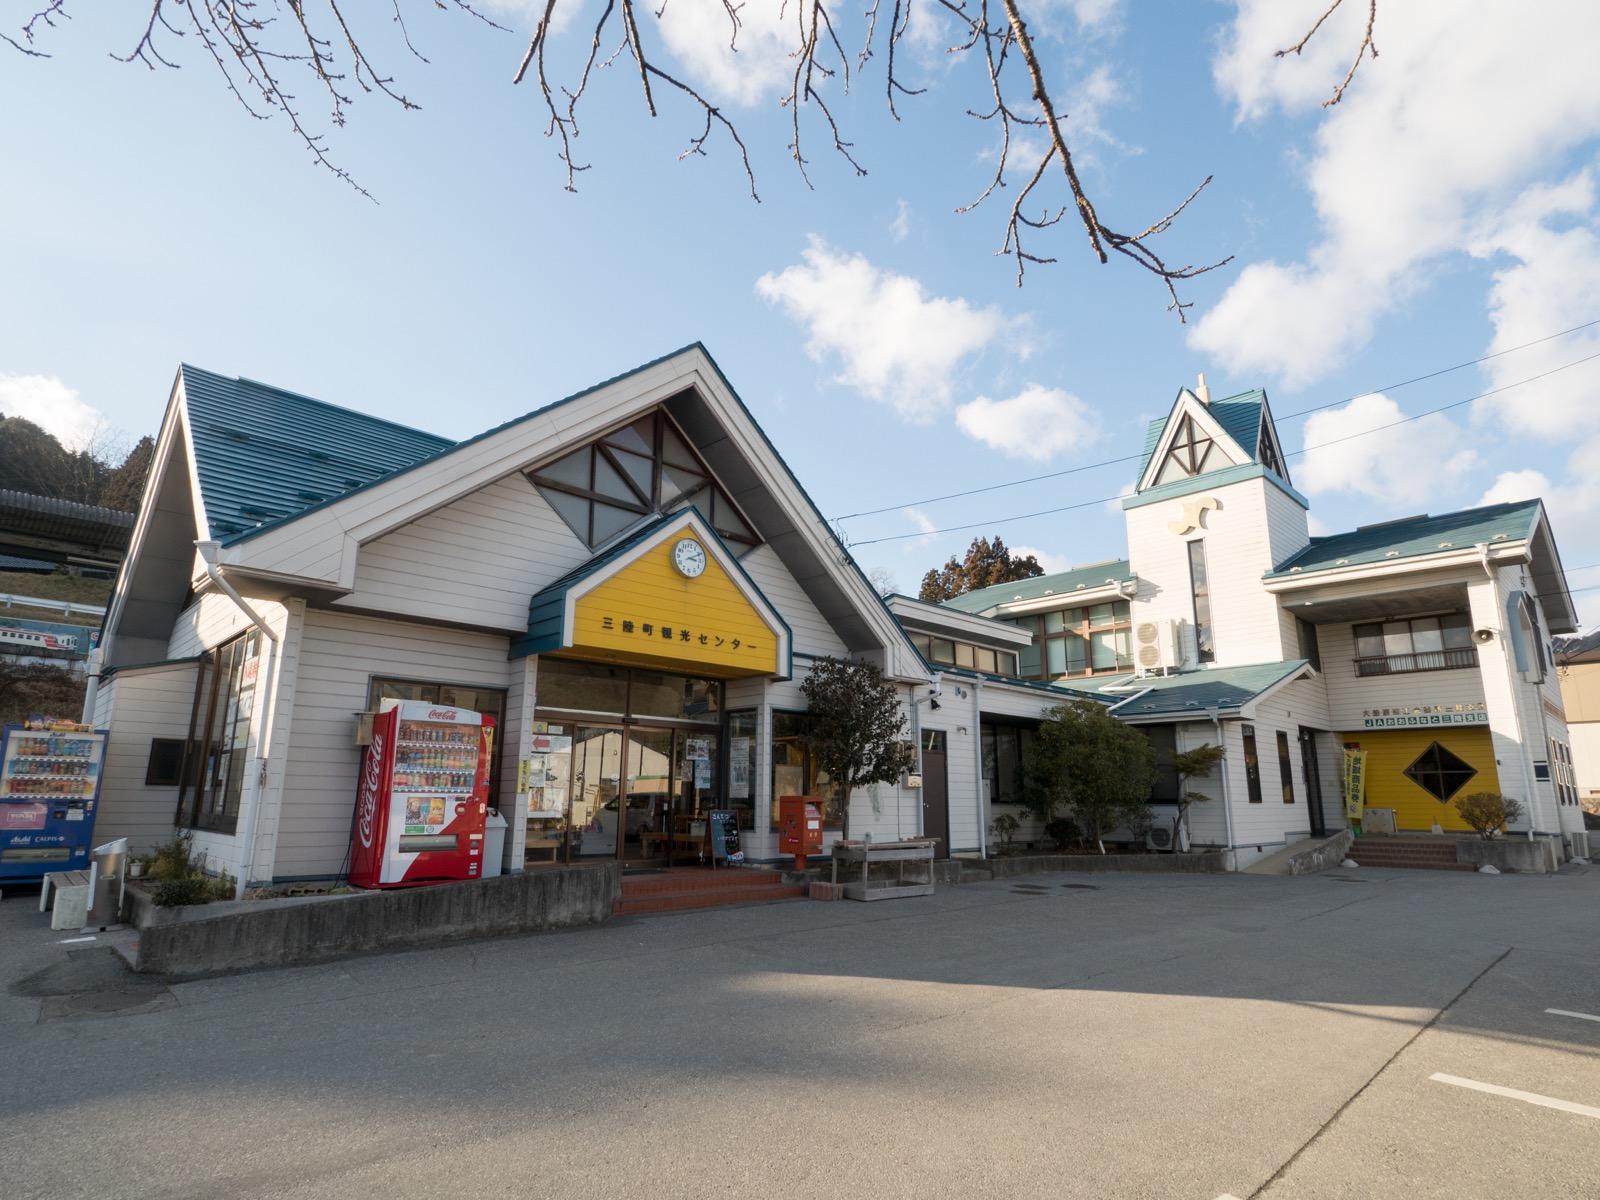 三陸駅の駅舎(三陸町観光センター)